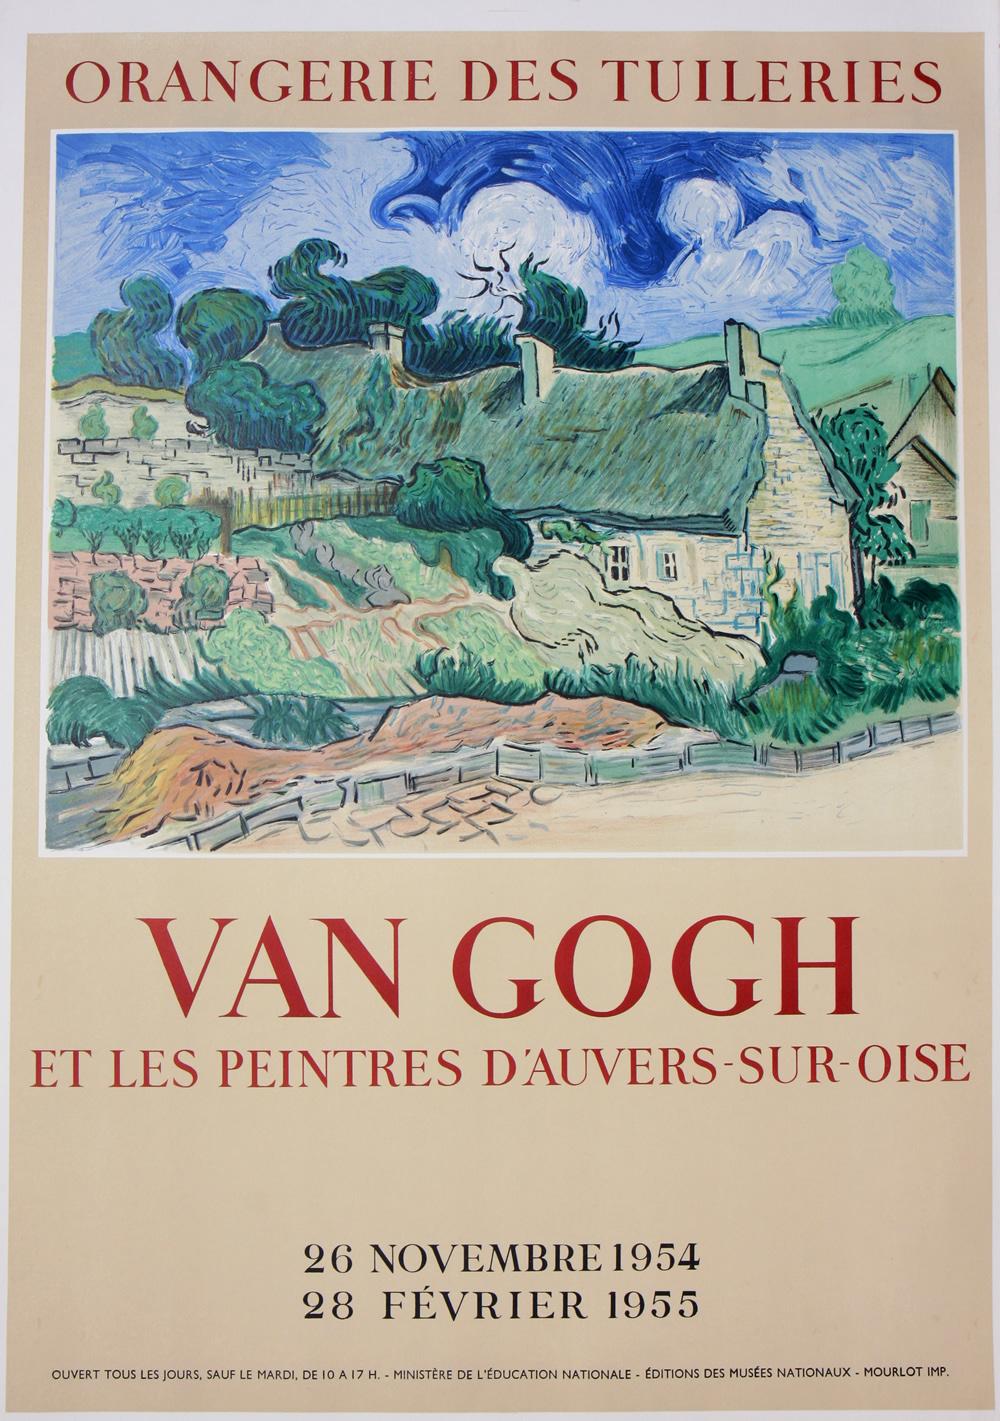 Vincent Van Gogh - Orangerie Des Tuileries - Vintage Poster